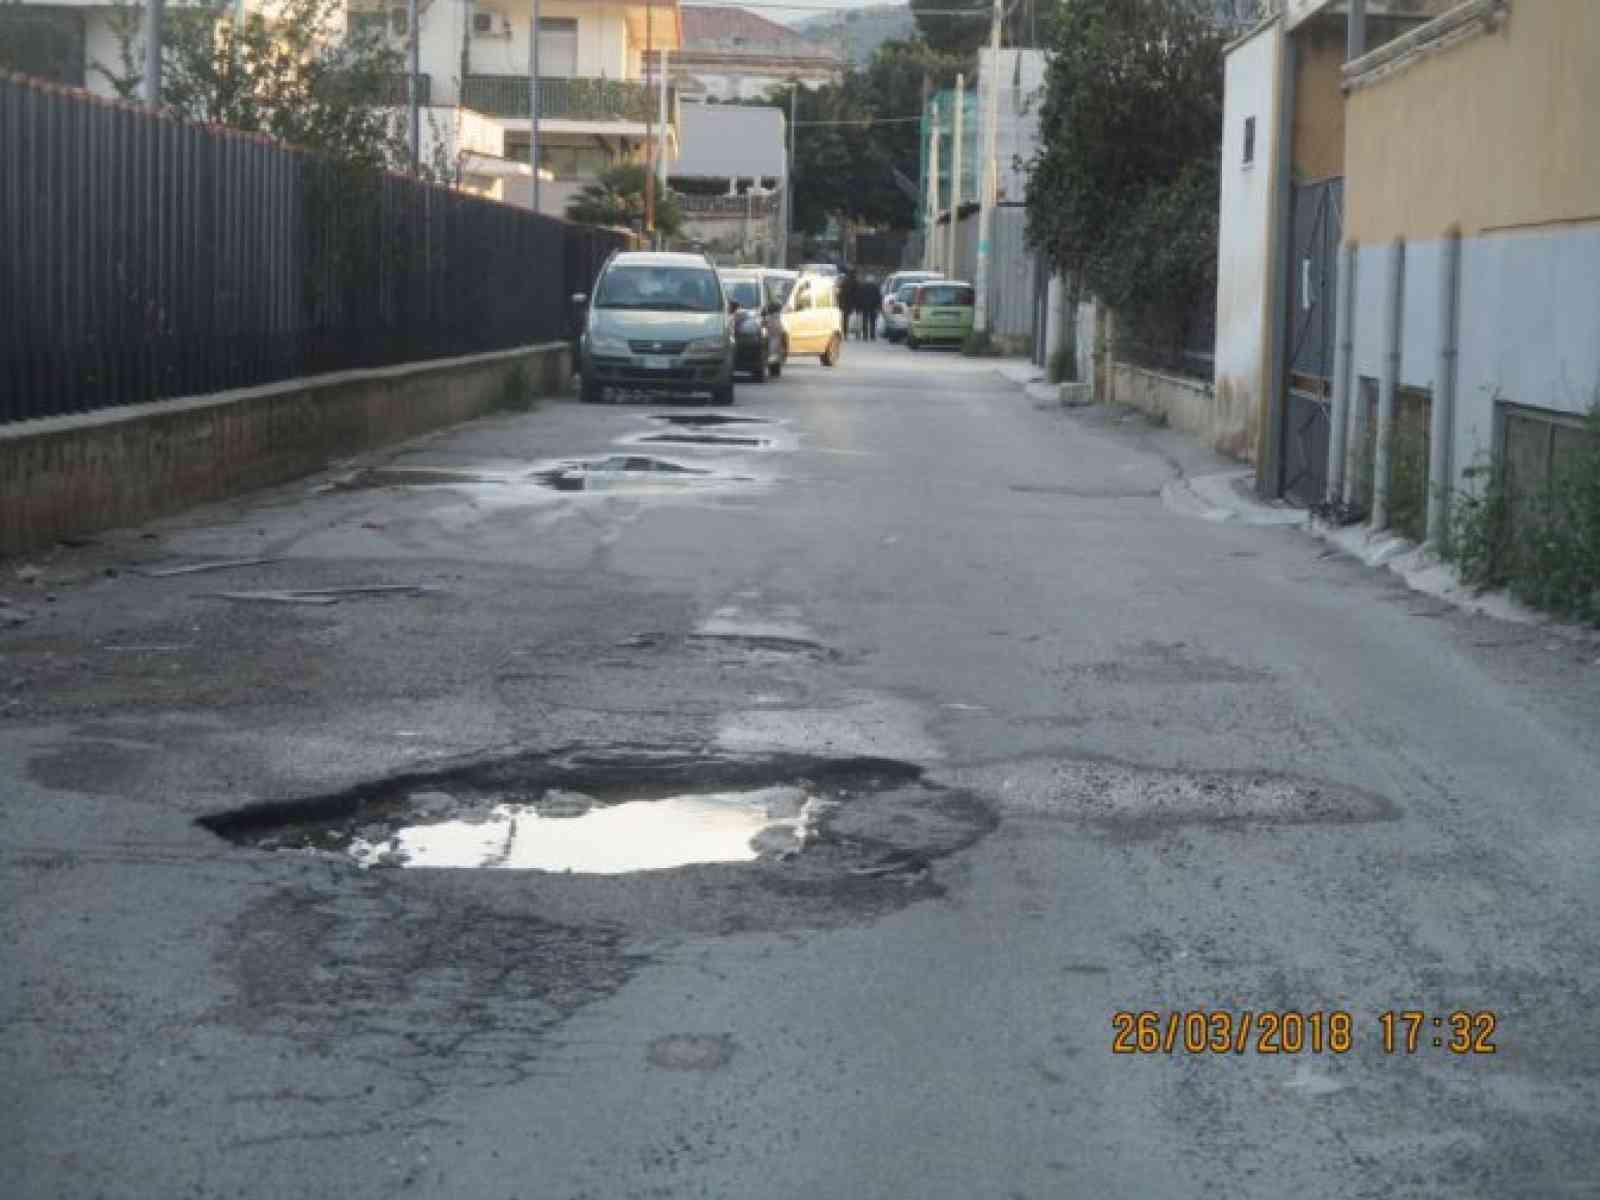 Immagine articolo: Anas, consegnati lavori per oltre 110 milioni di euro. Previsti interventi nelle strade del Belice